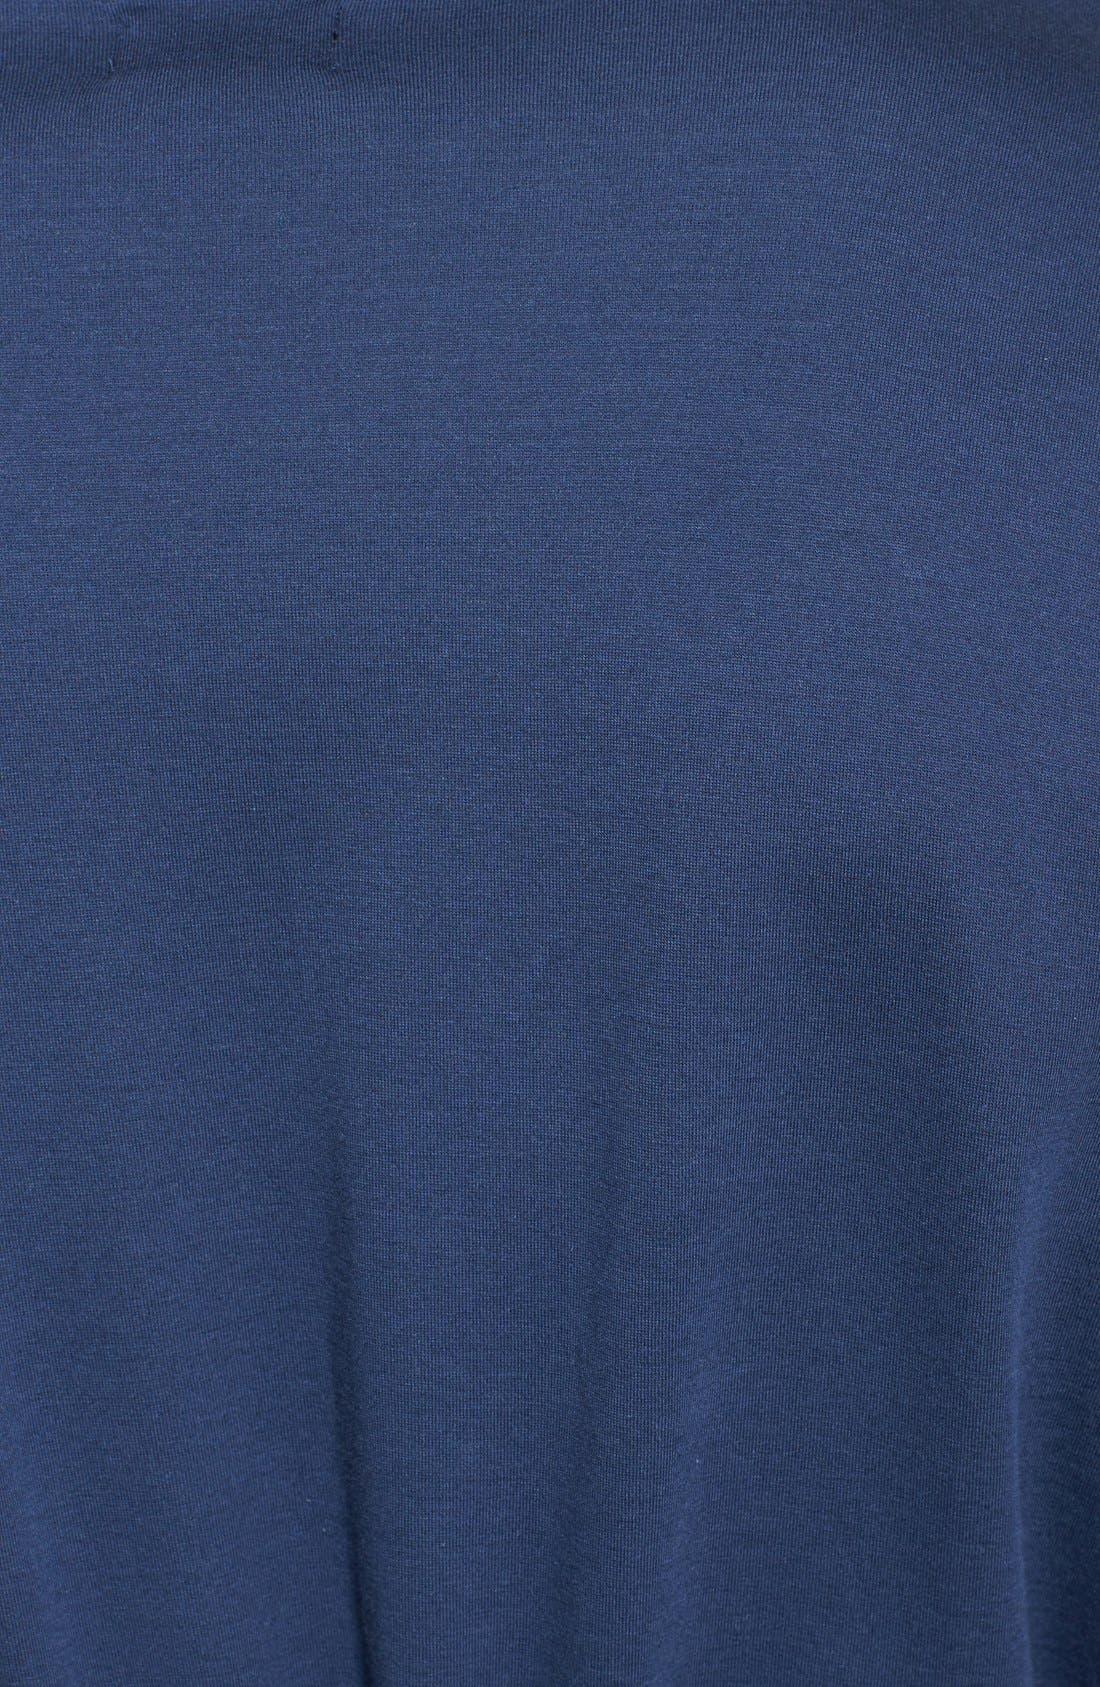 Alternate Image 3  - BOSS HUGO BOSS Cotton Blend Robe